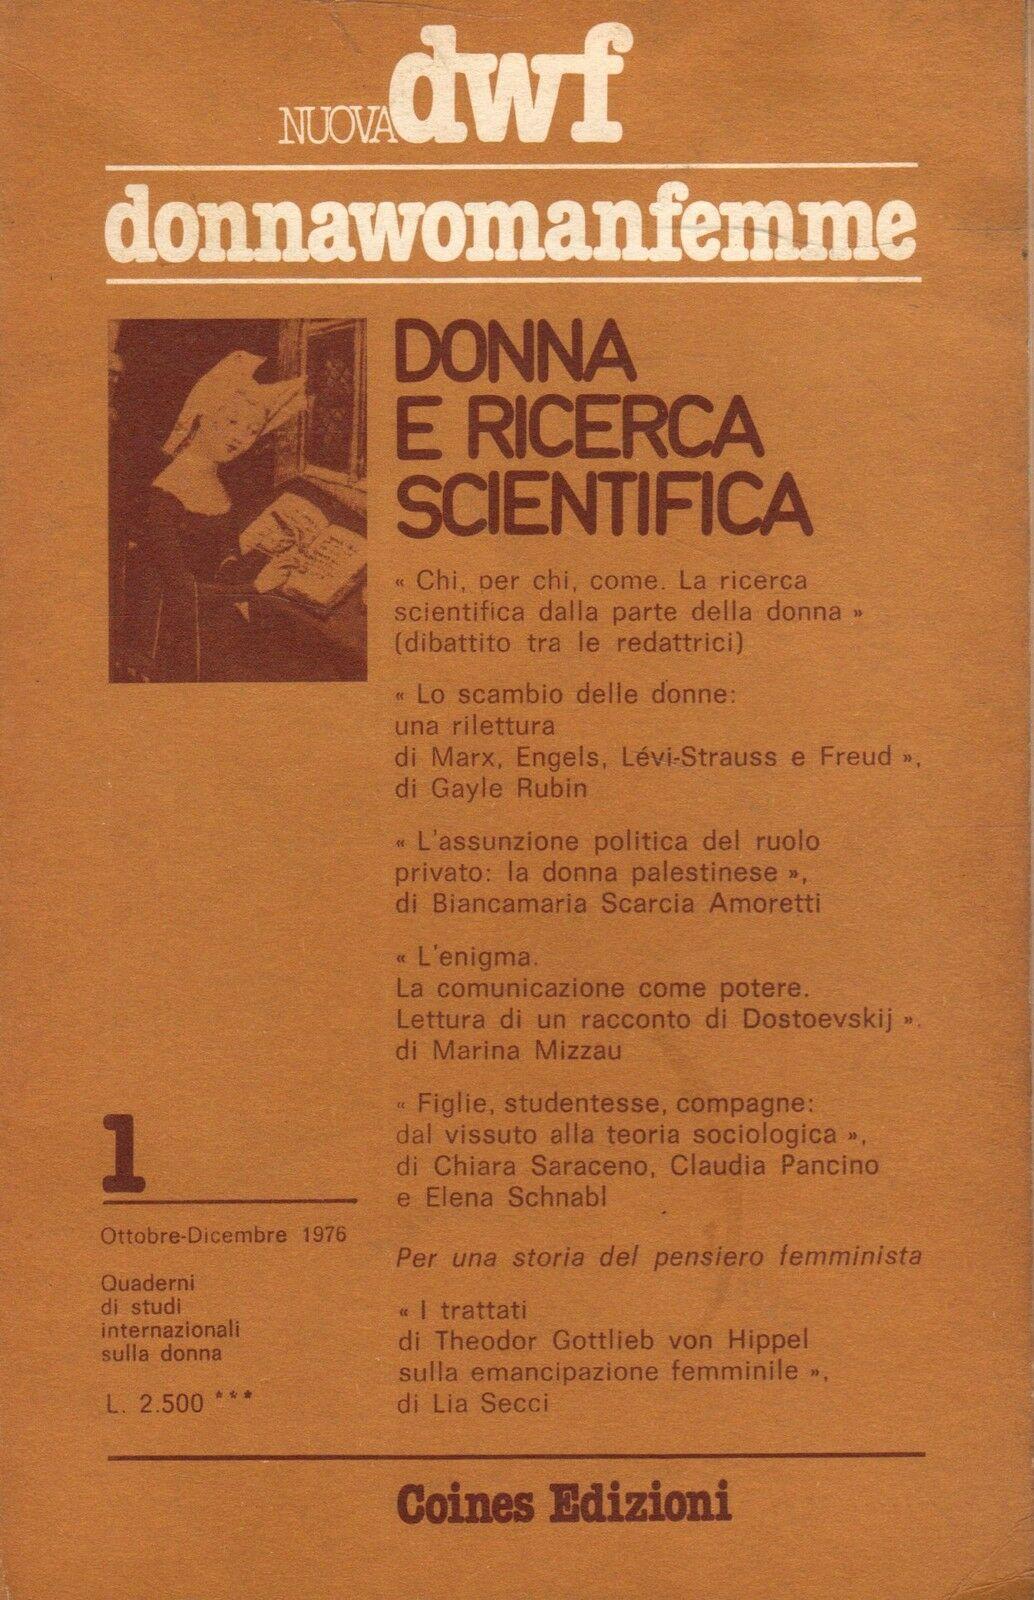 DONNA E RICERCA SCIENTIFICA, Nuova DWF (1) 1976